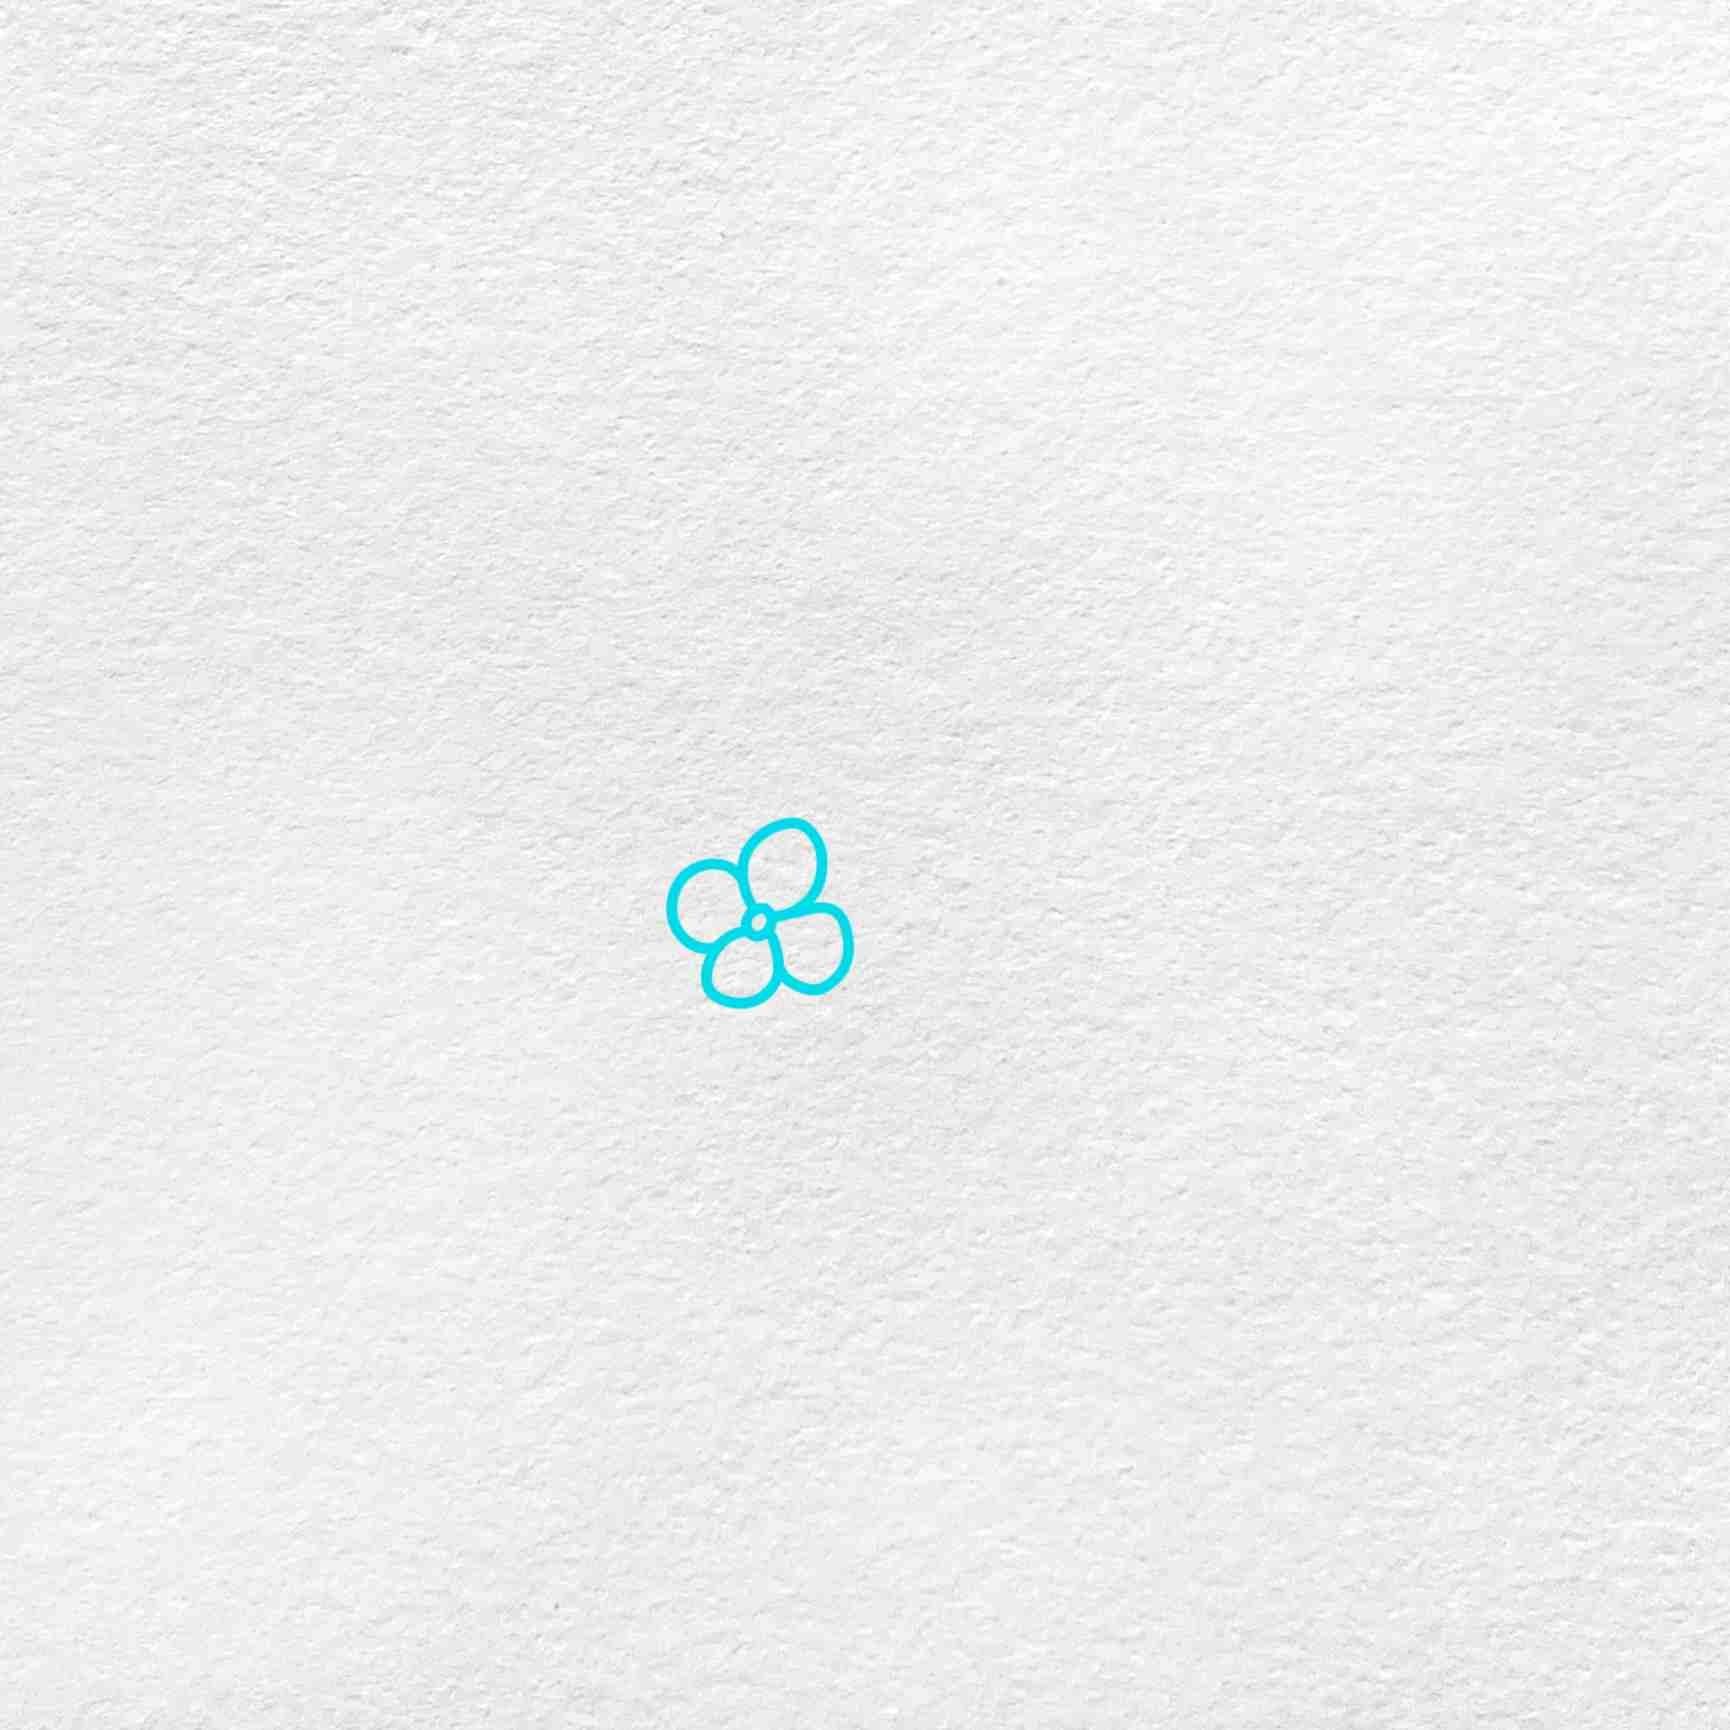 How To Draw Hydrangea: Step 1